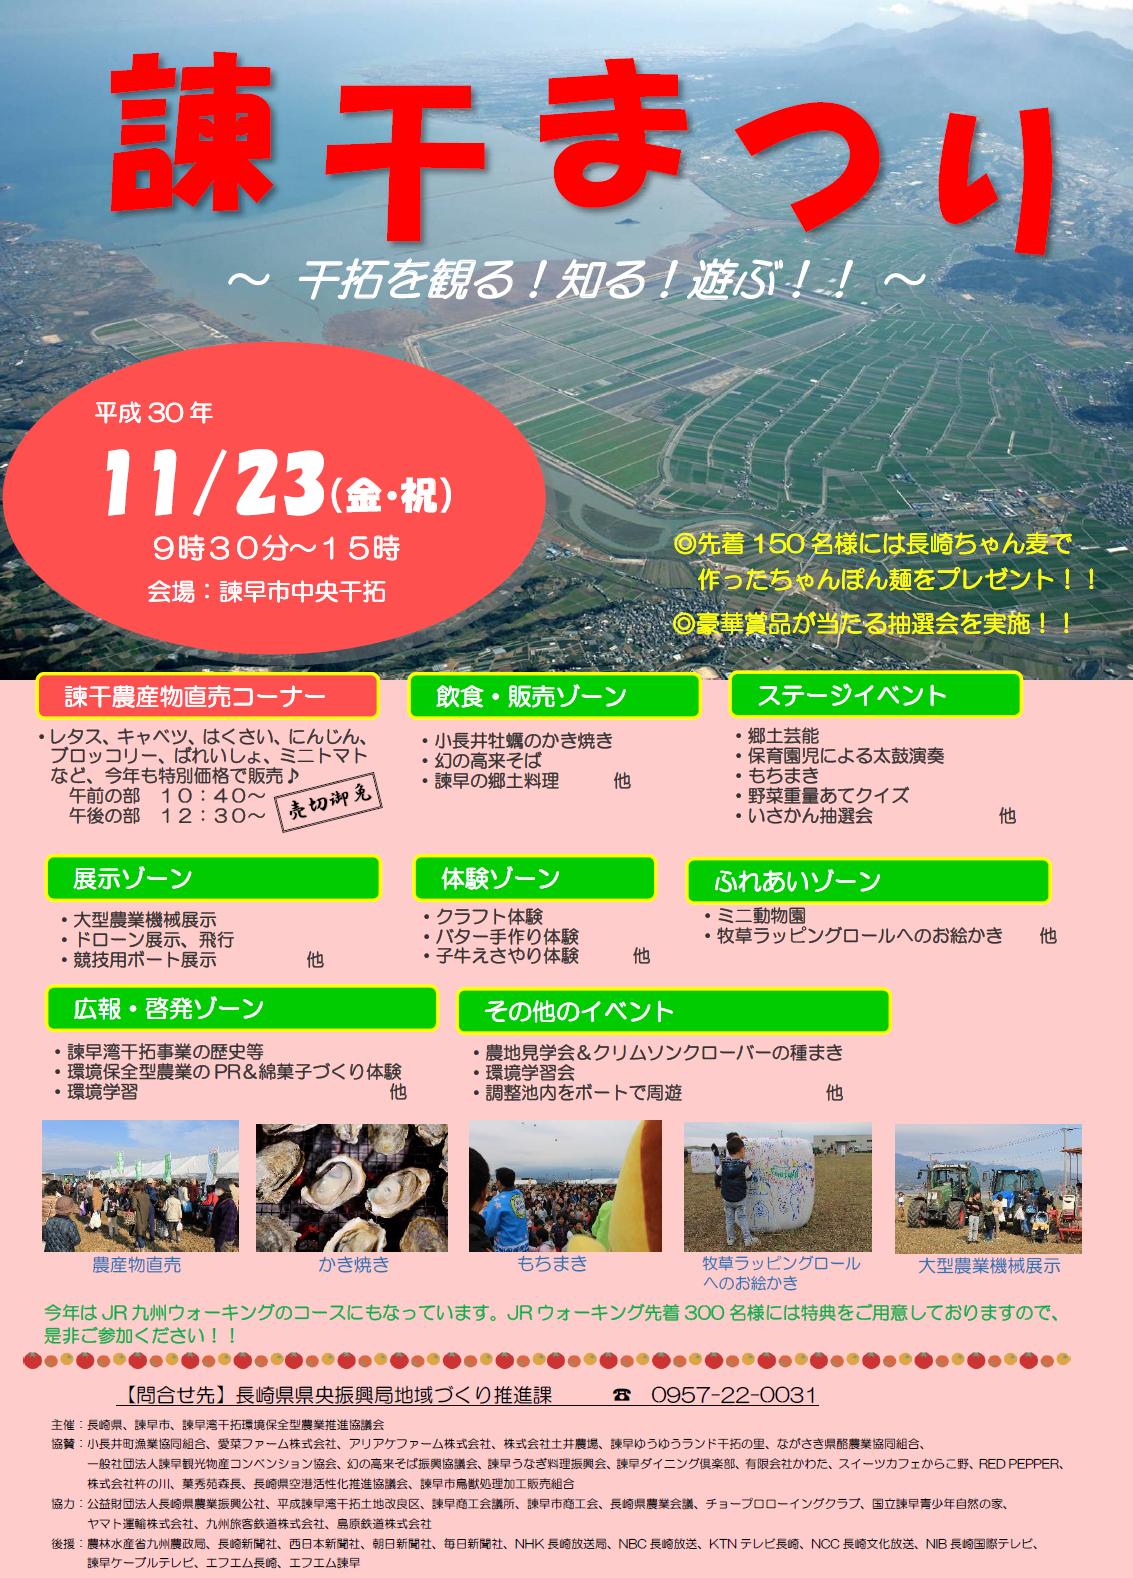 2018年11月23日(金曜日・祝日)諫干まつり開催!!チラシ